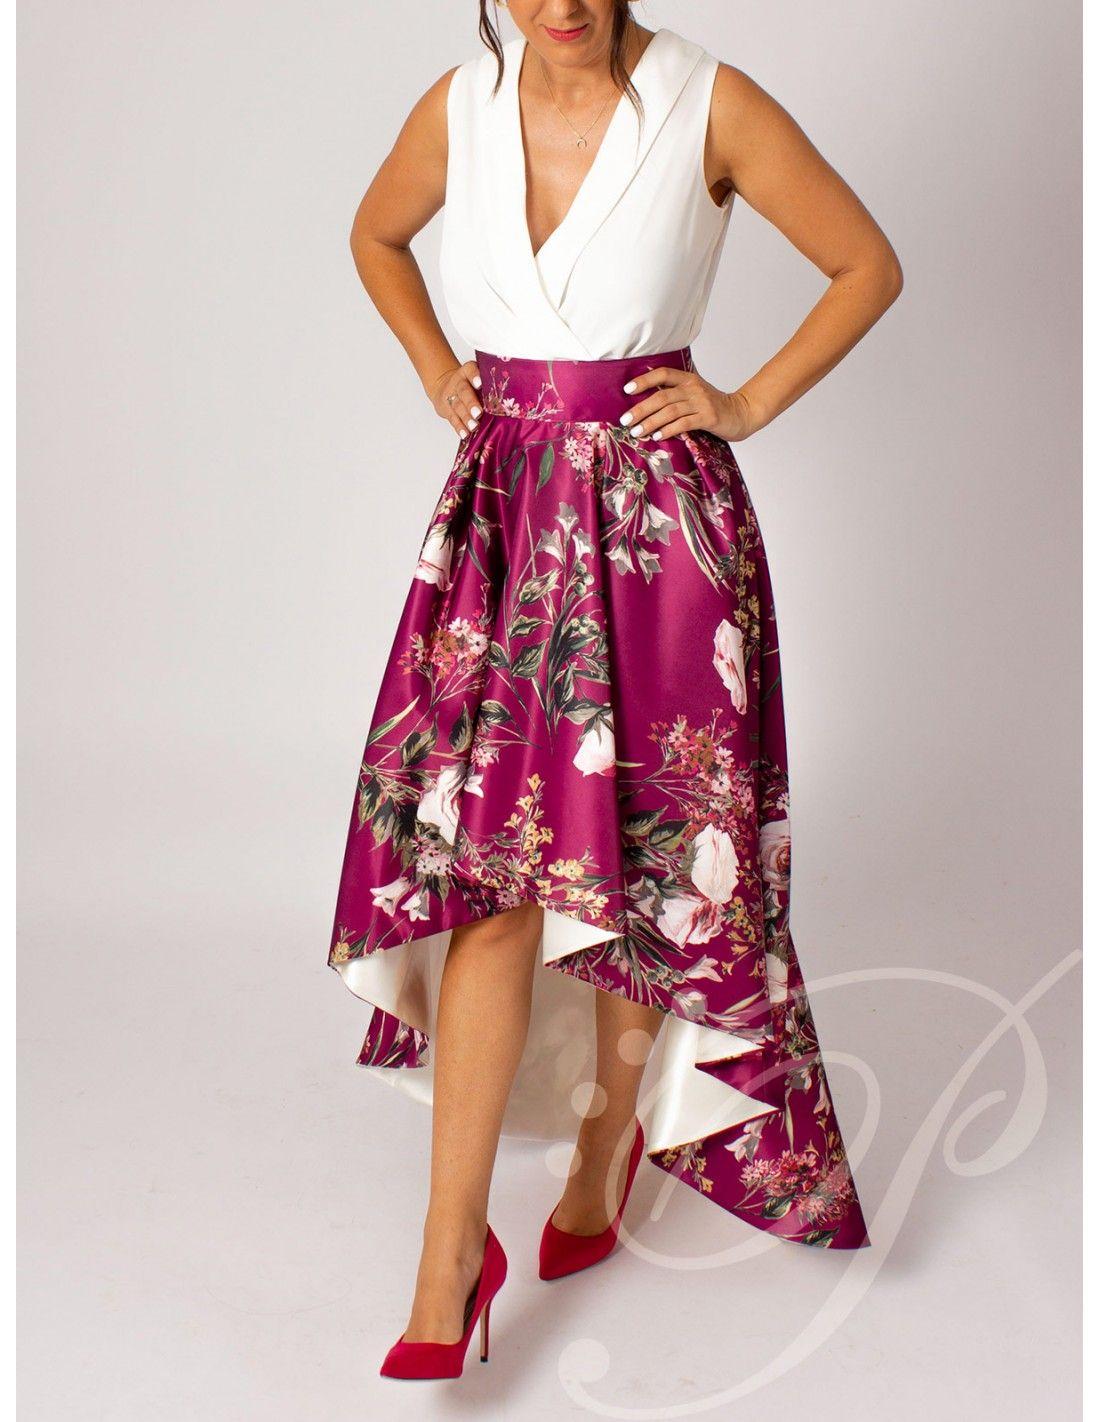 e043c2b70 Falda Anisa - Falda asimétrica en color buganvilla con estampado de ...